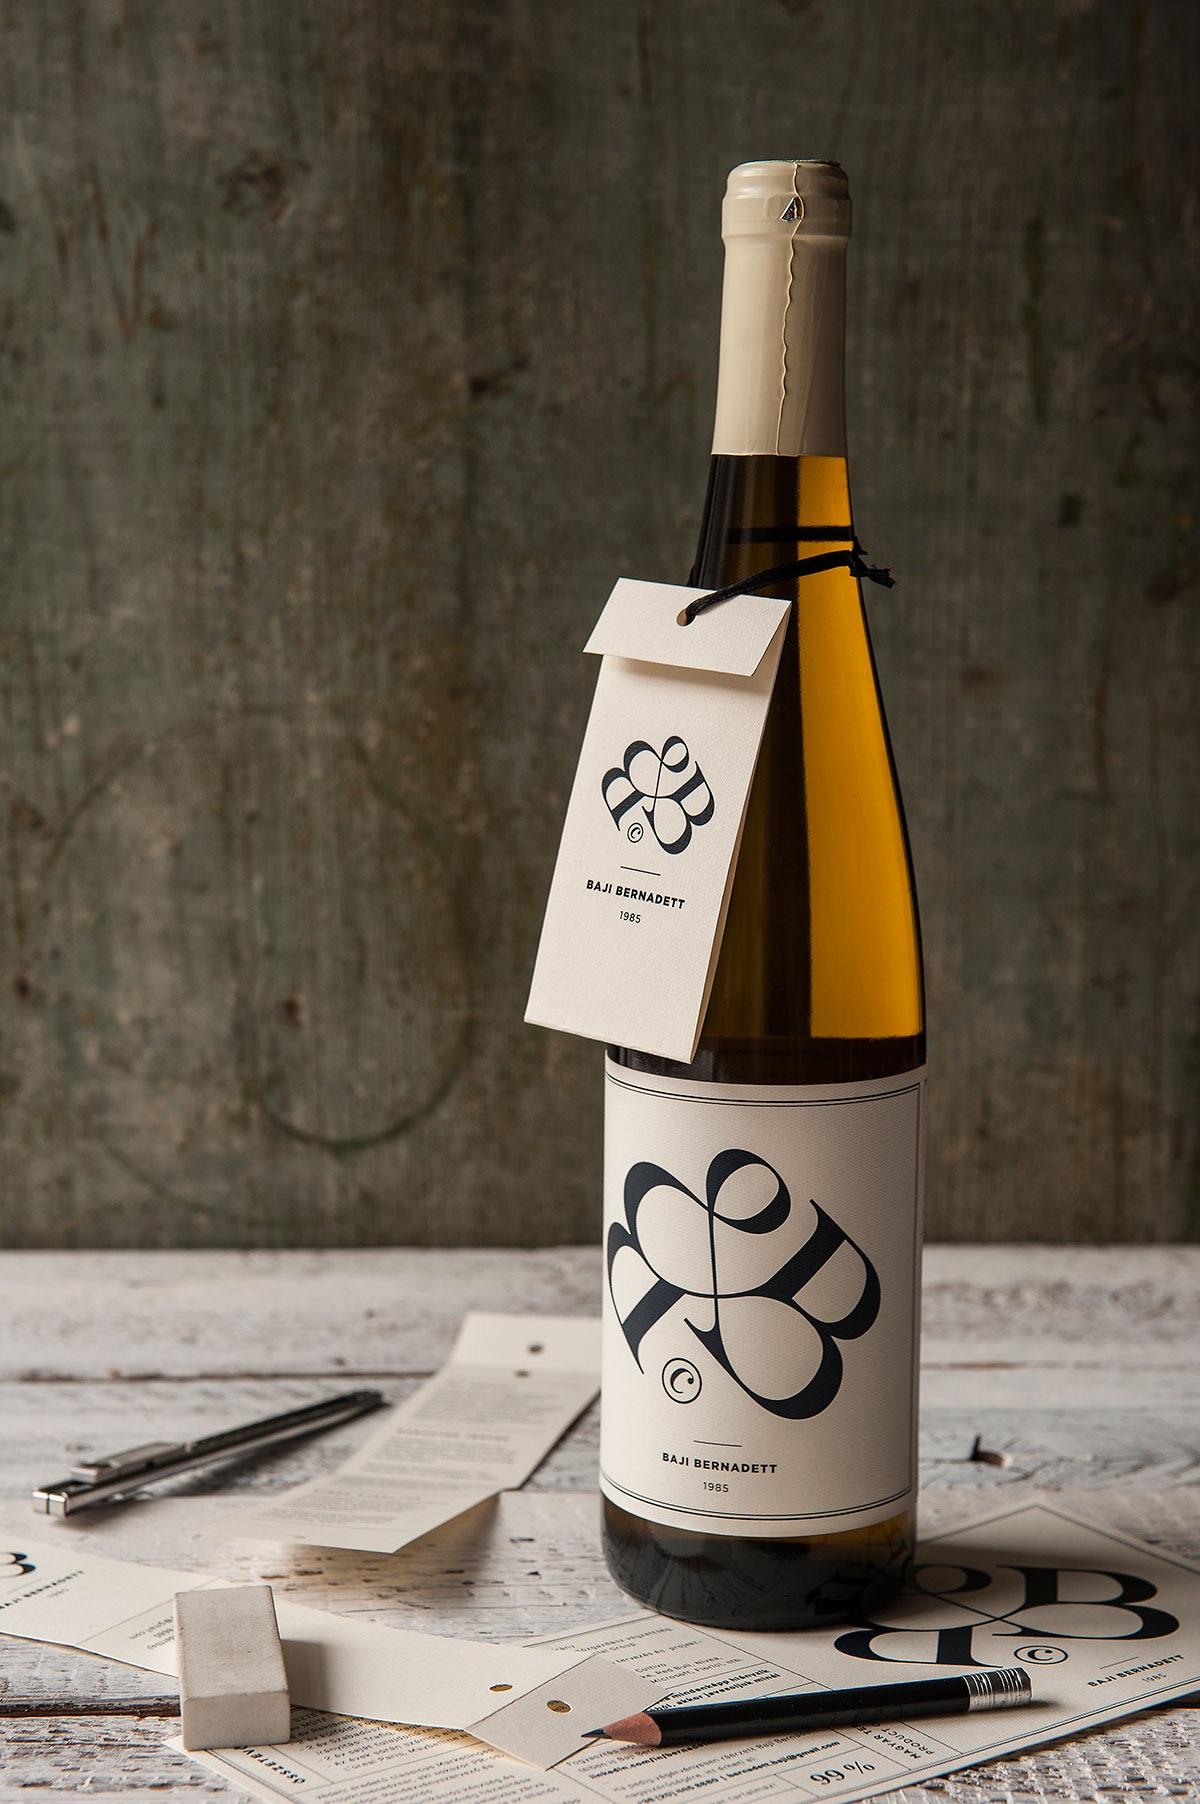 wine bottle resume design